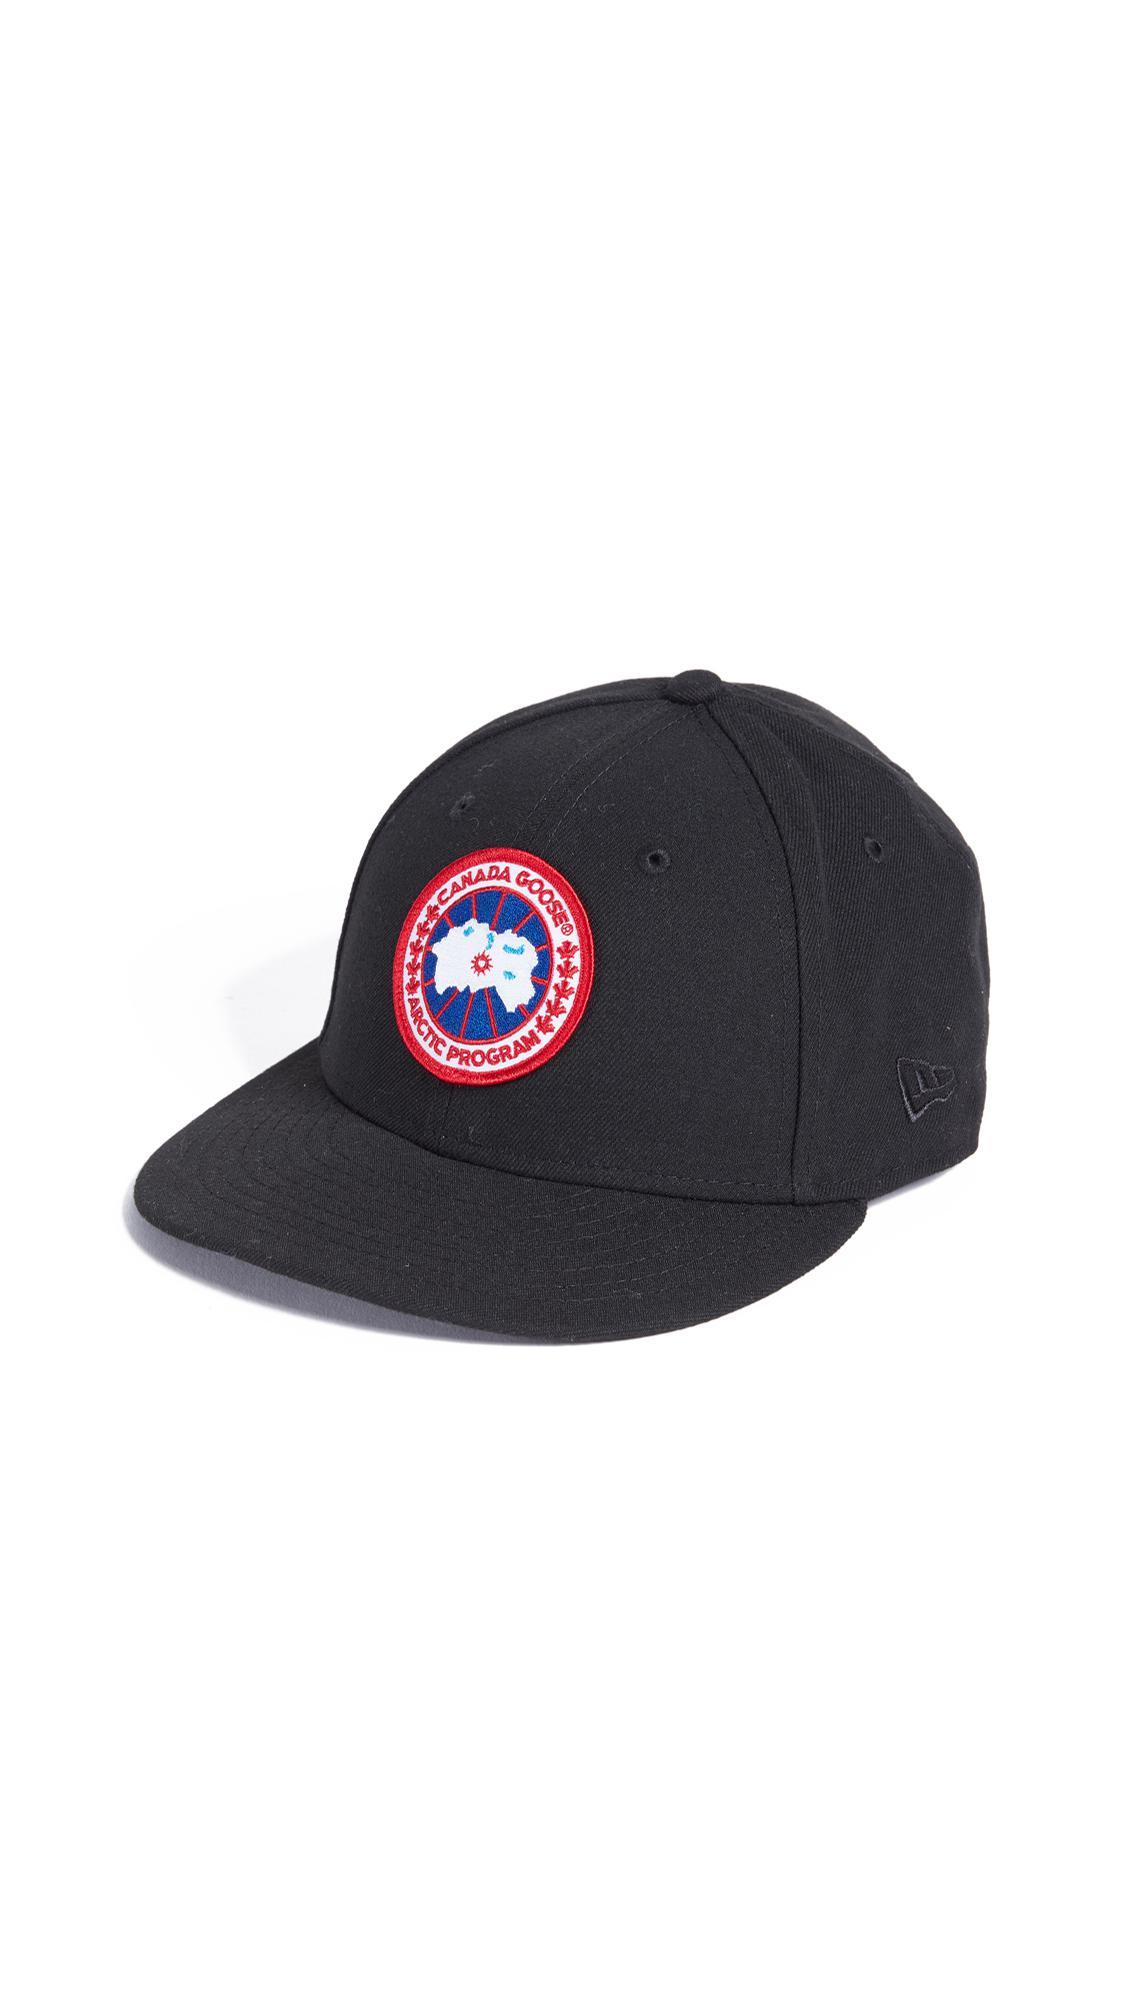 canada goose new era hat